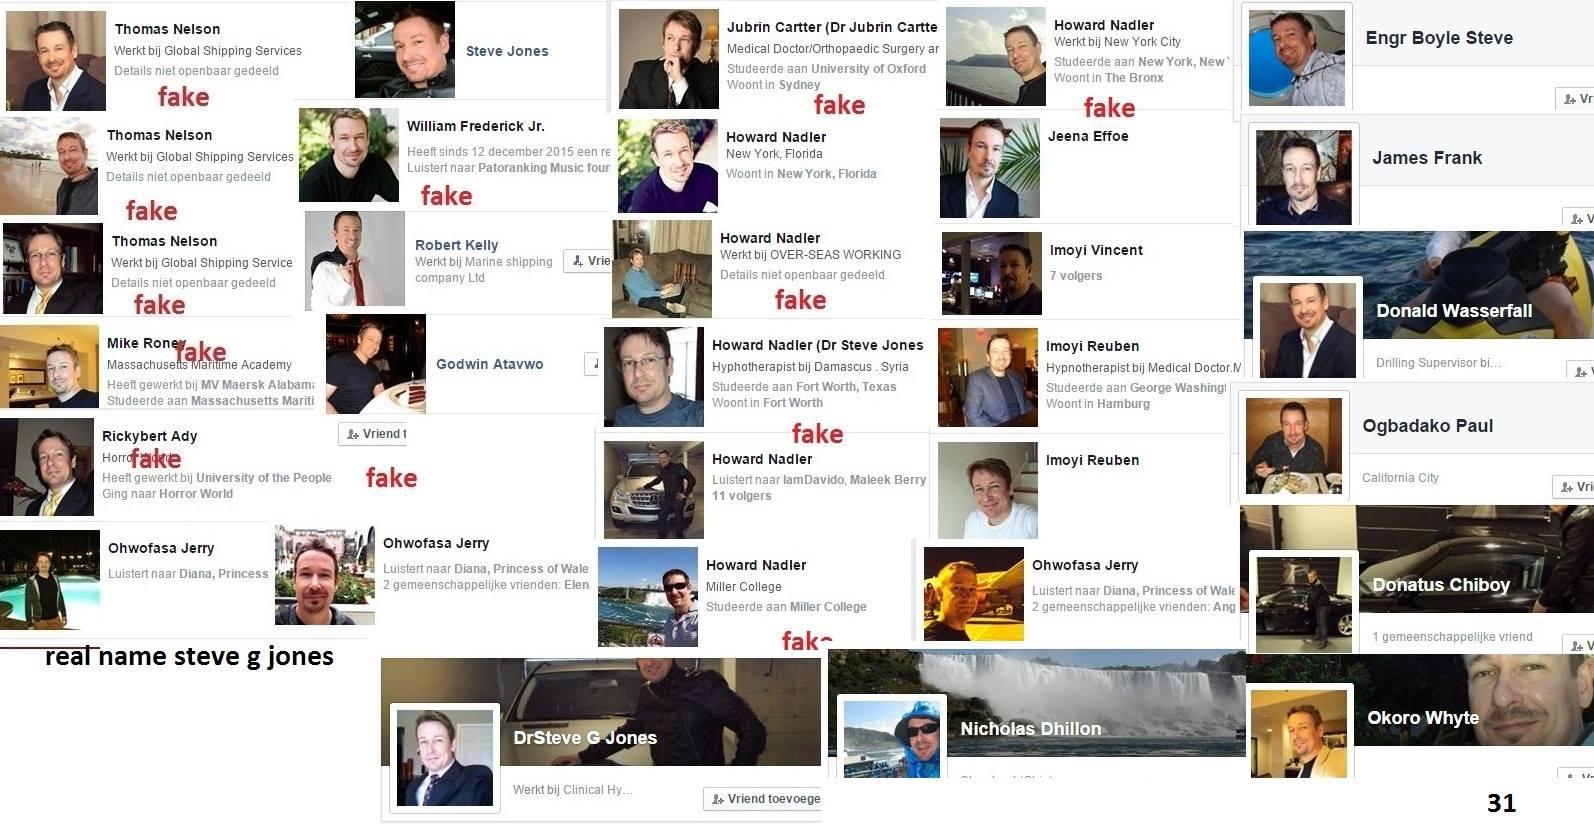 Список мошенников с фото на сайтах знакомств